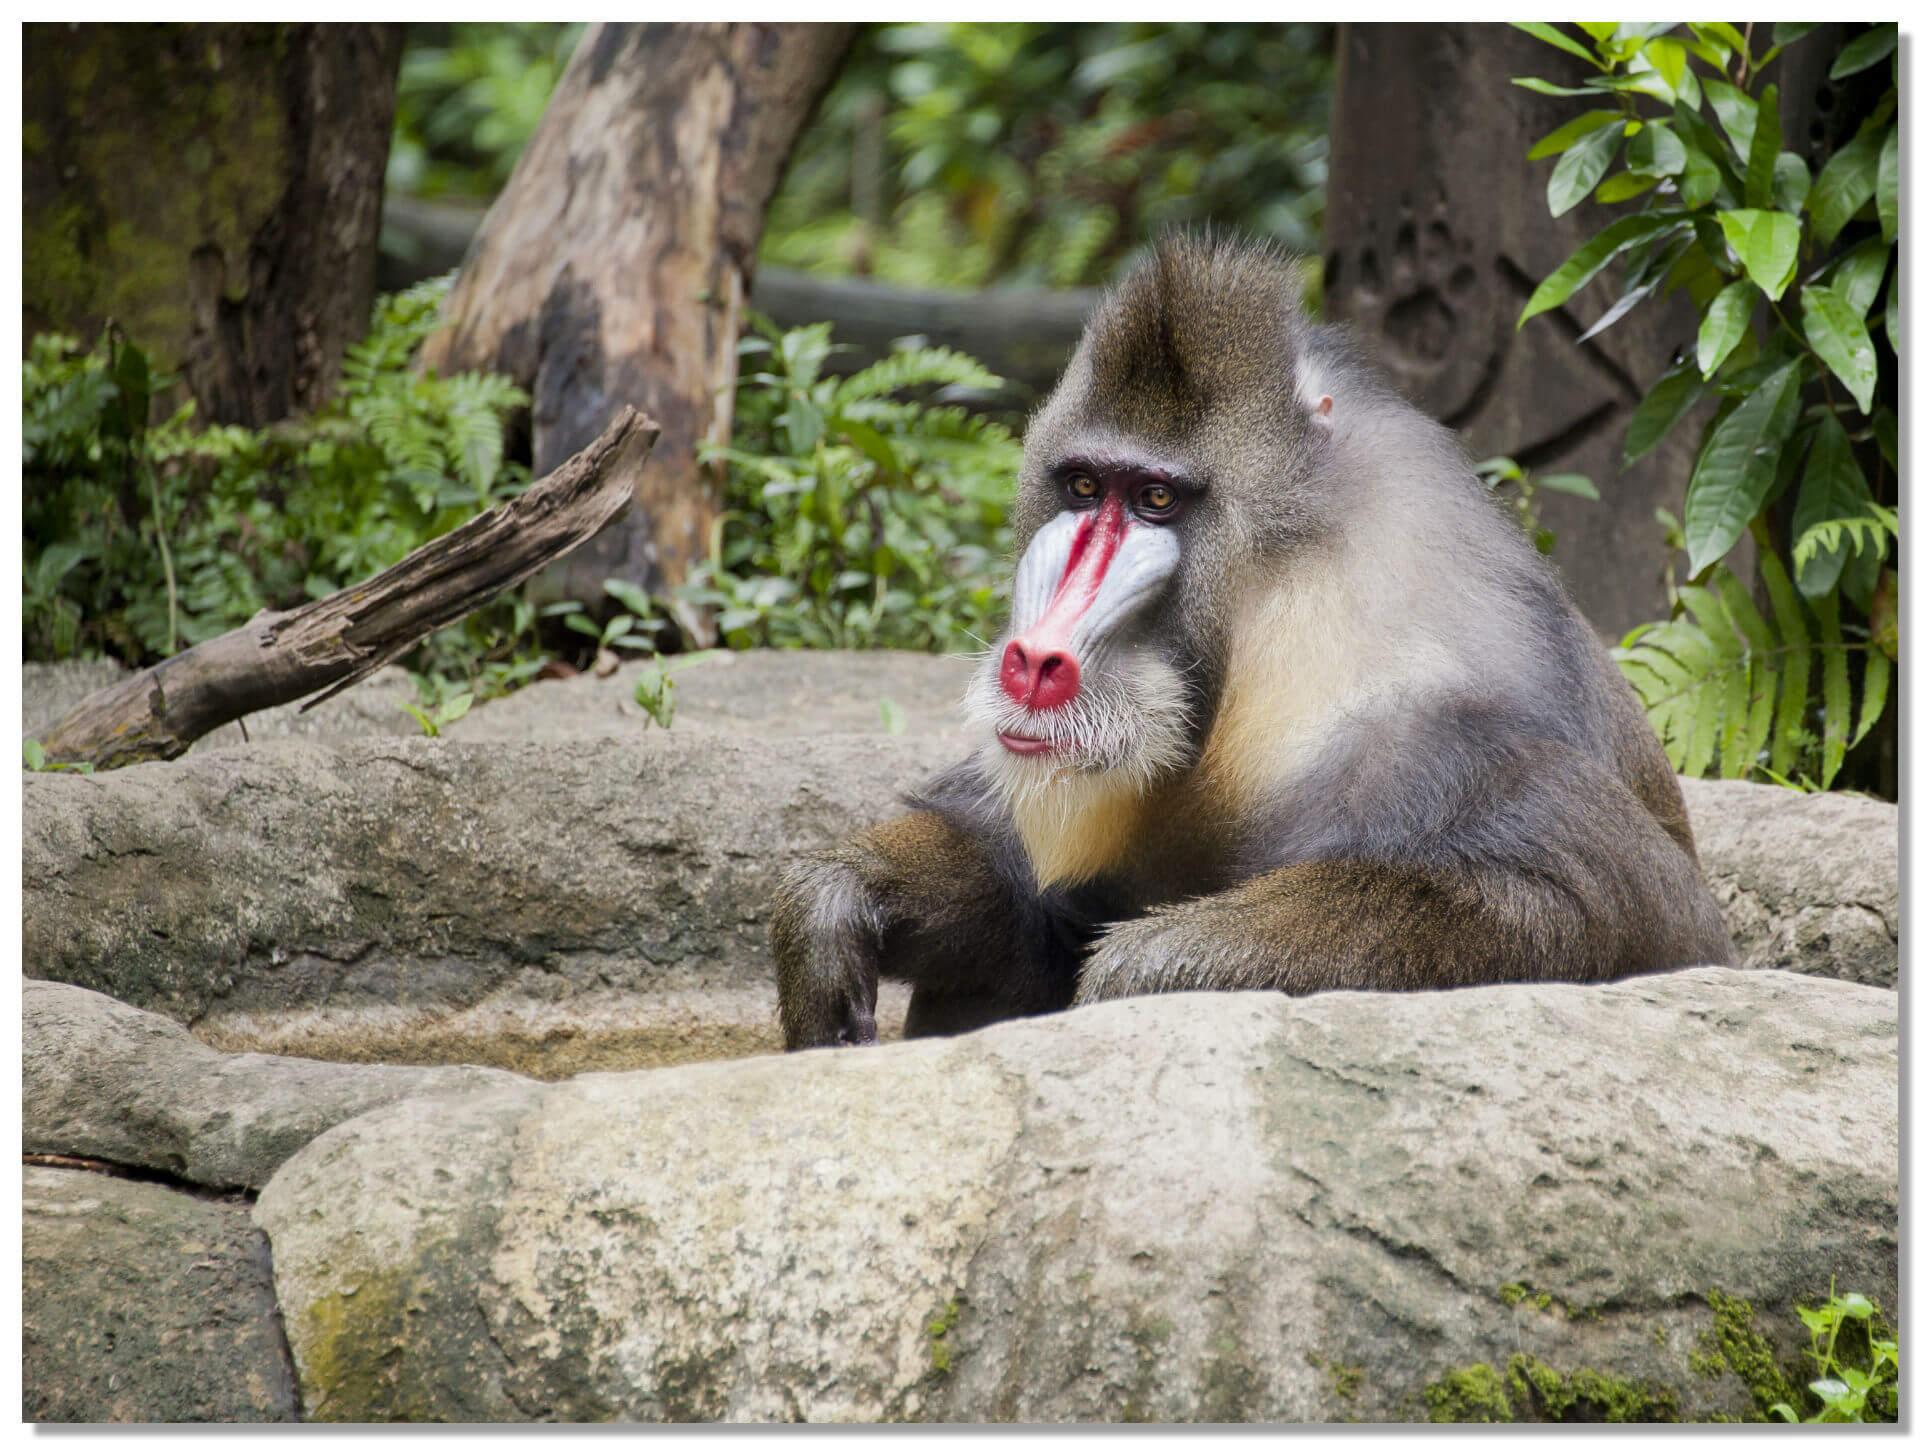 Сингапурский зоопарк. является самым большим на планете открытым зоопарком